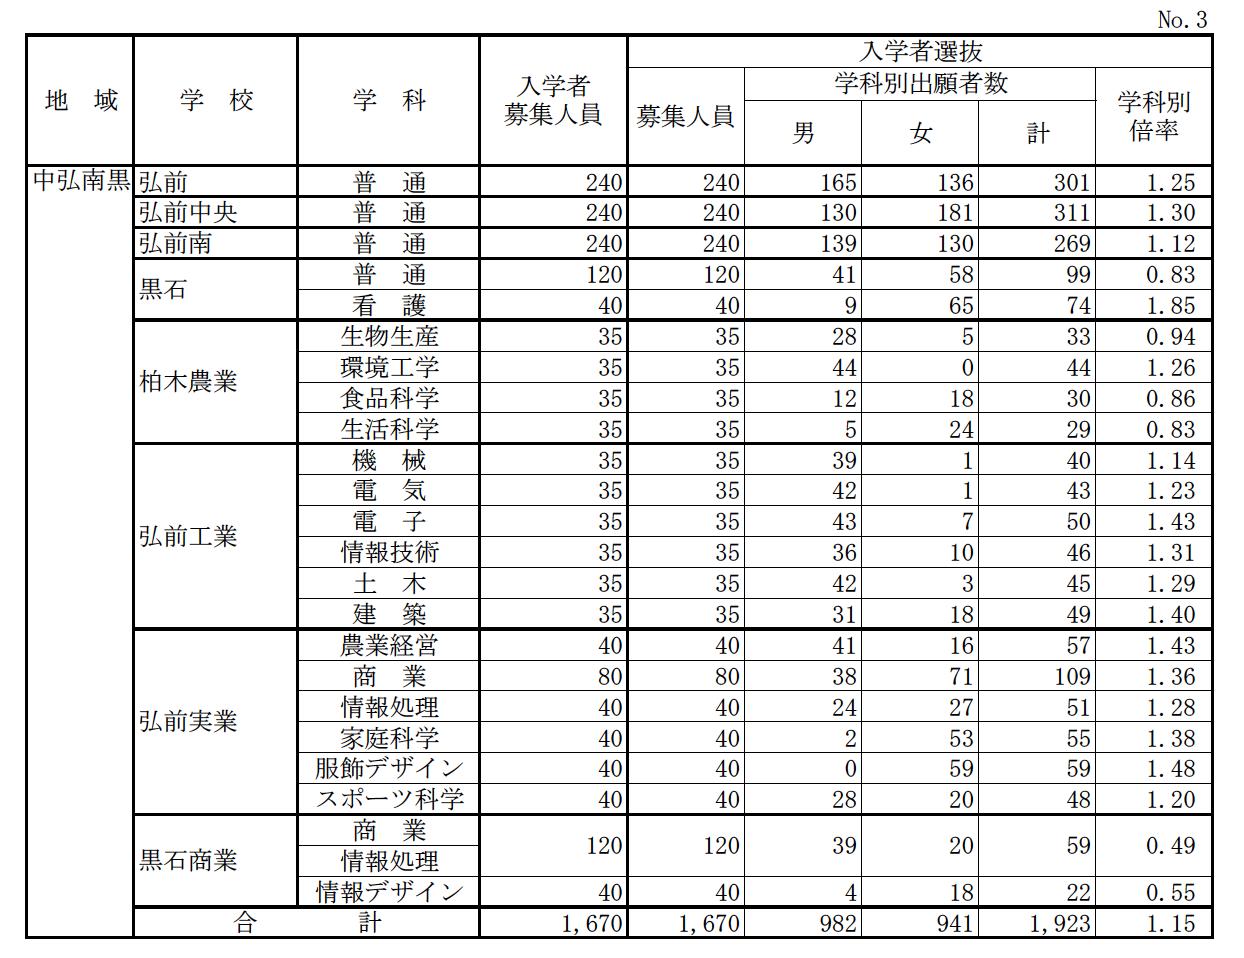 茨城 県立 高校 入試 2021 倍率 発表 【茨城県】2021年度県立高校入試